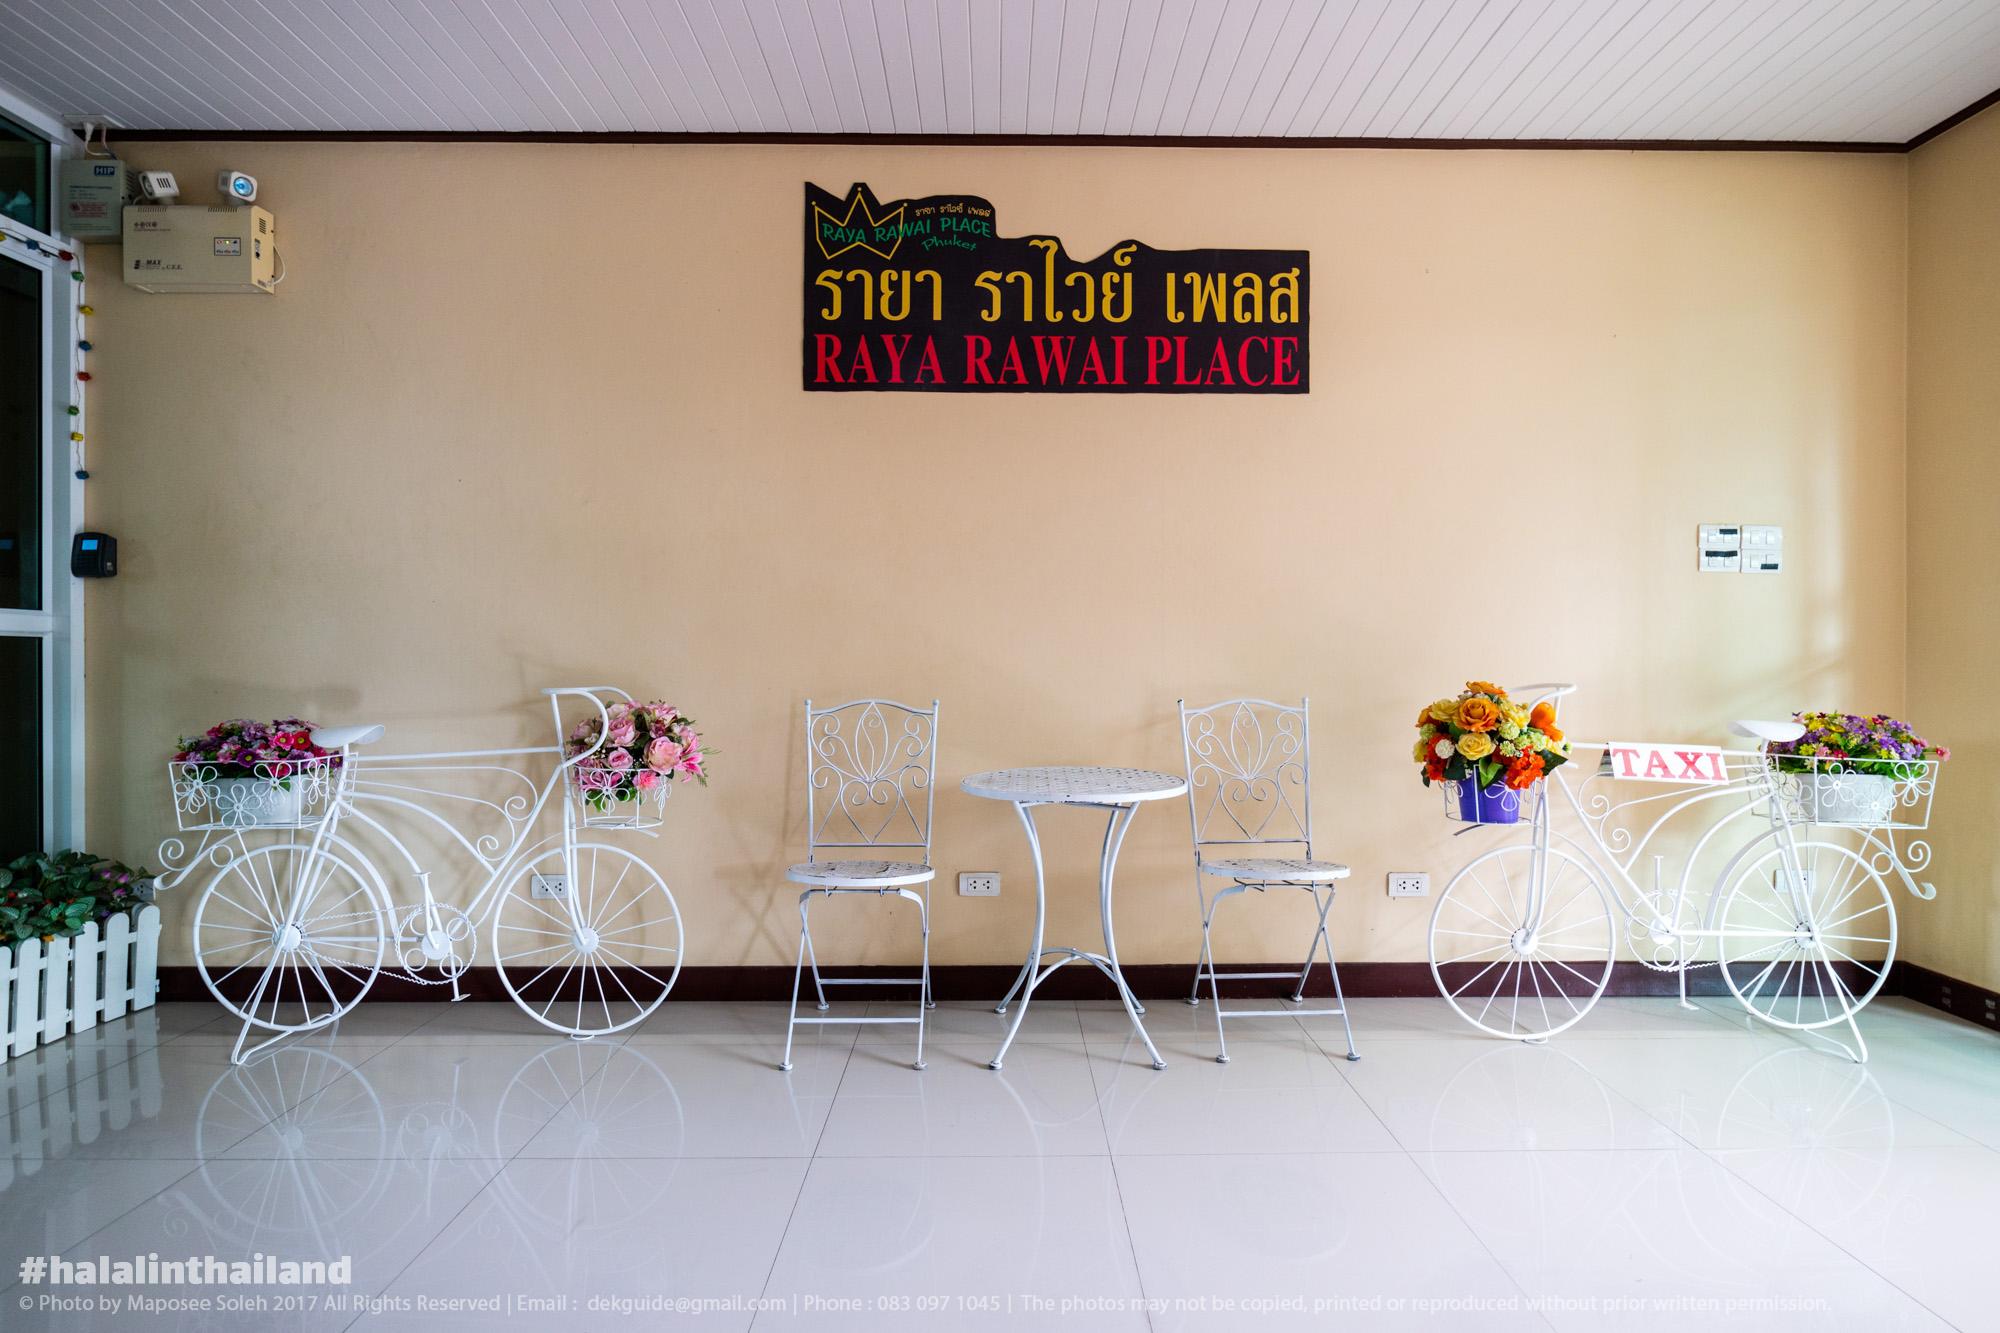 รายา ราไวย์ เพลส Raya Rawai Place โรงแรมฮาลาล ภูเก็ต